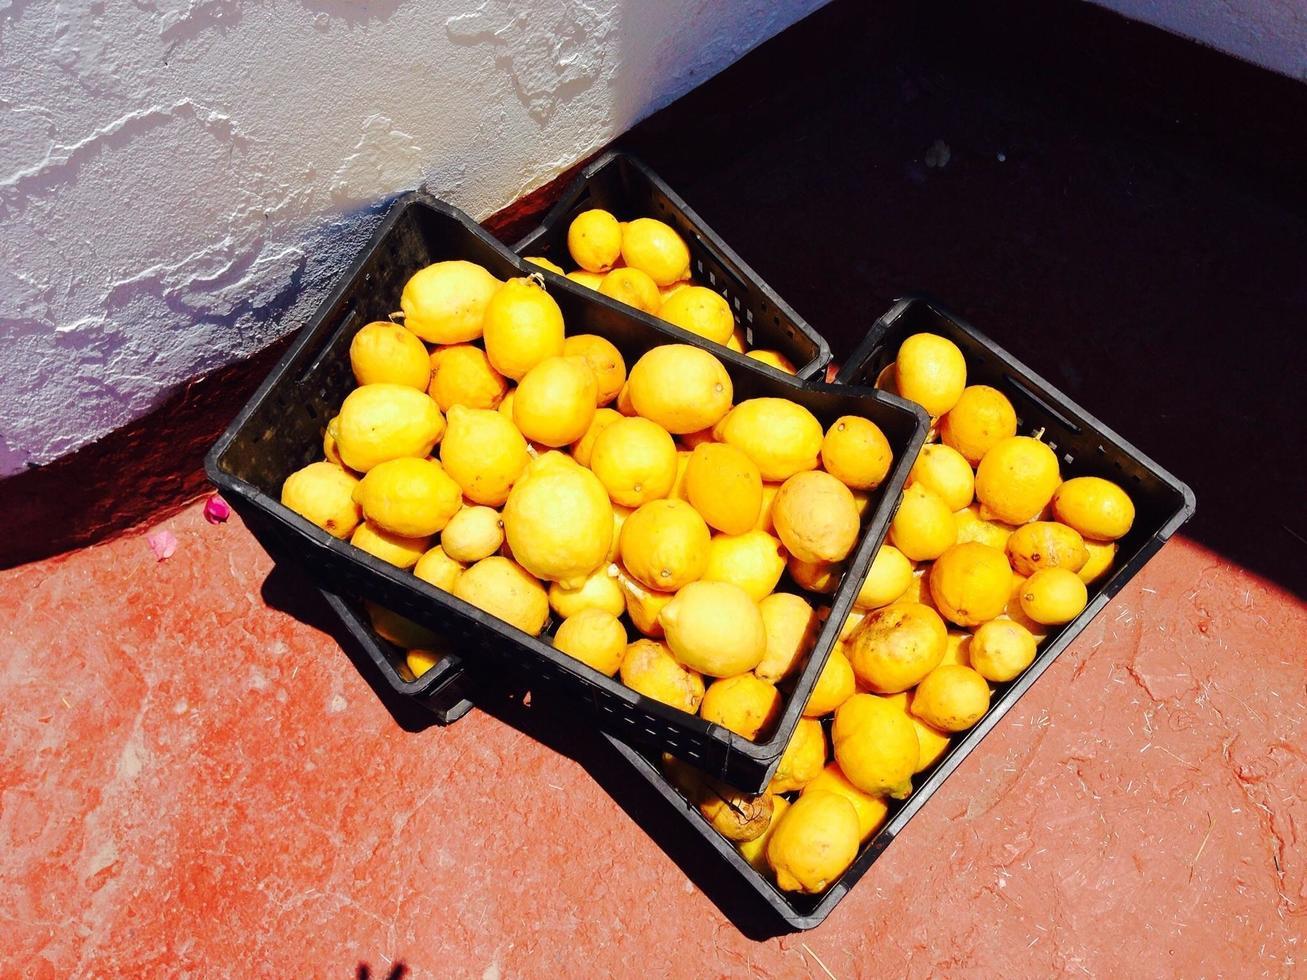 cajas de limones foto